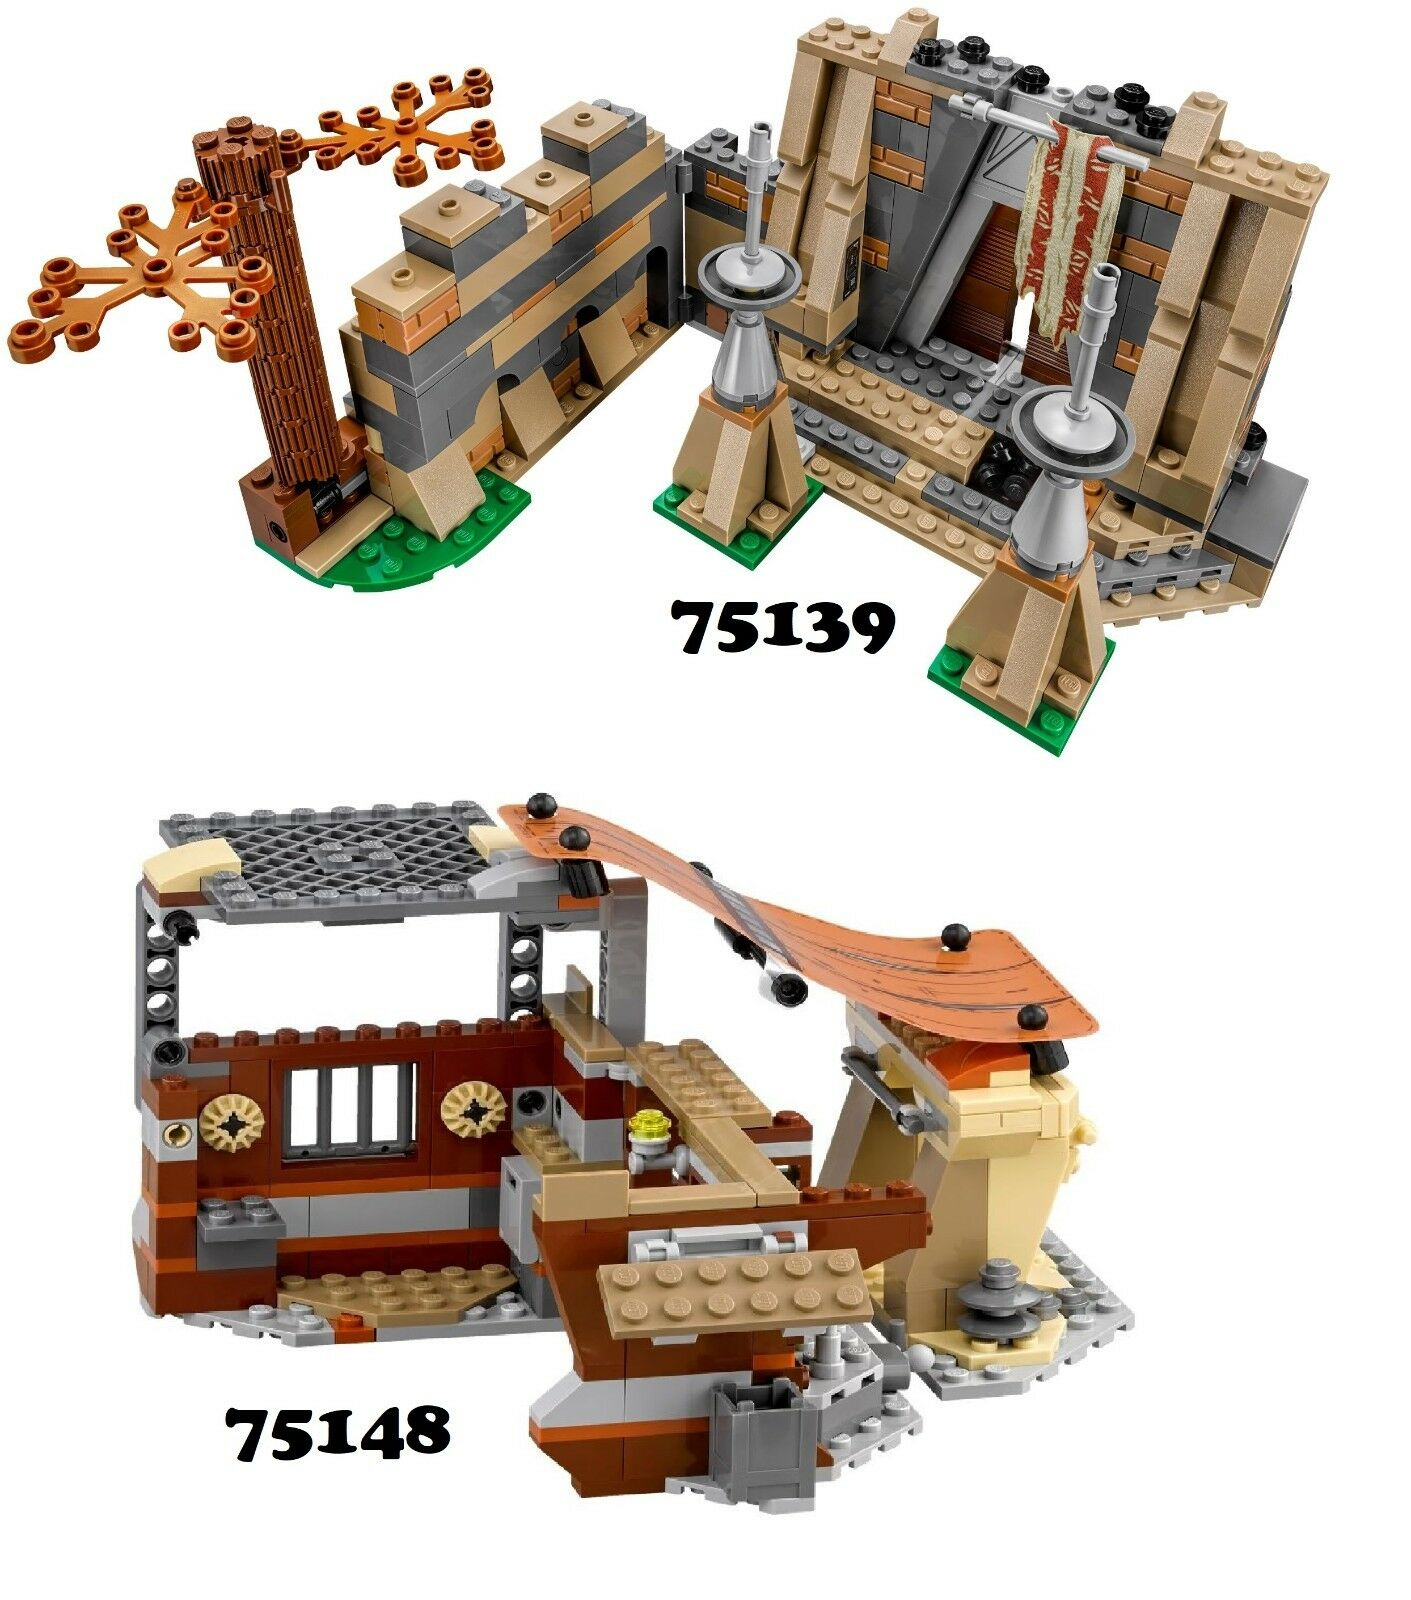 NUOVO  LEGO estrella guerras  75139 & 75148 Combo Set  NO Minicifras  più ordine